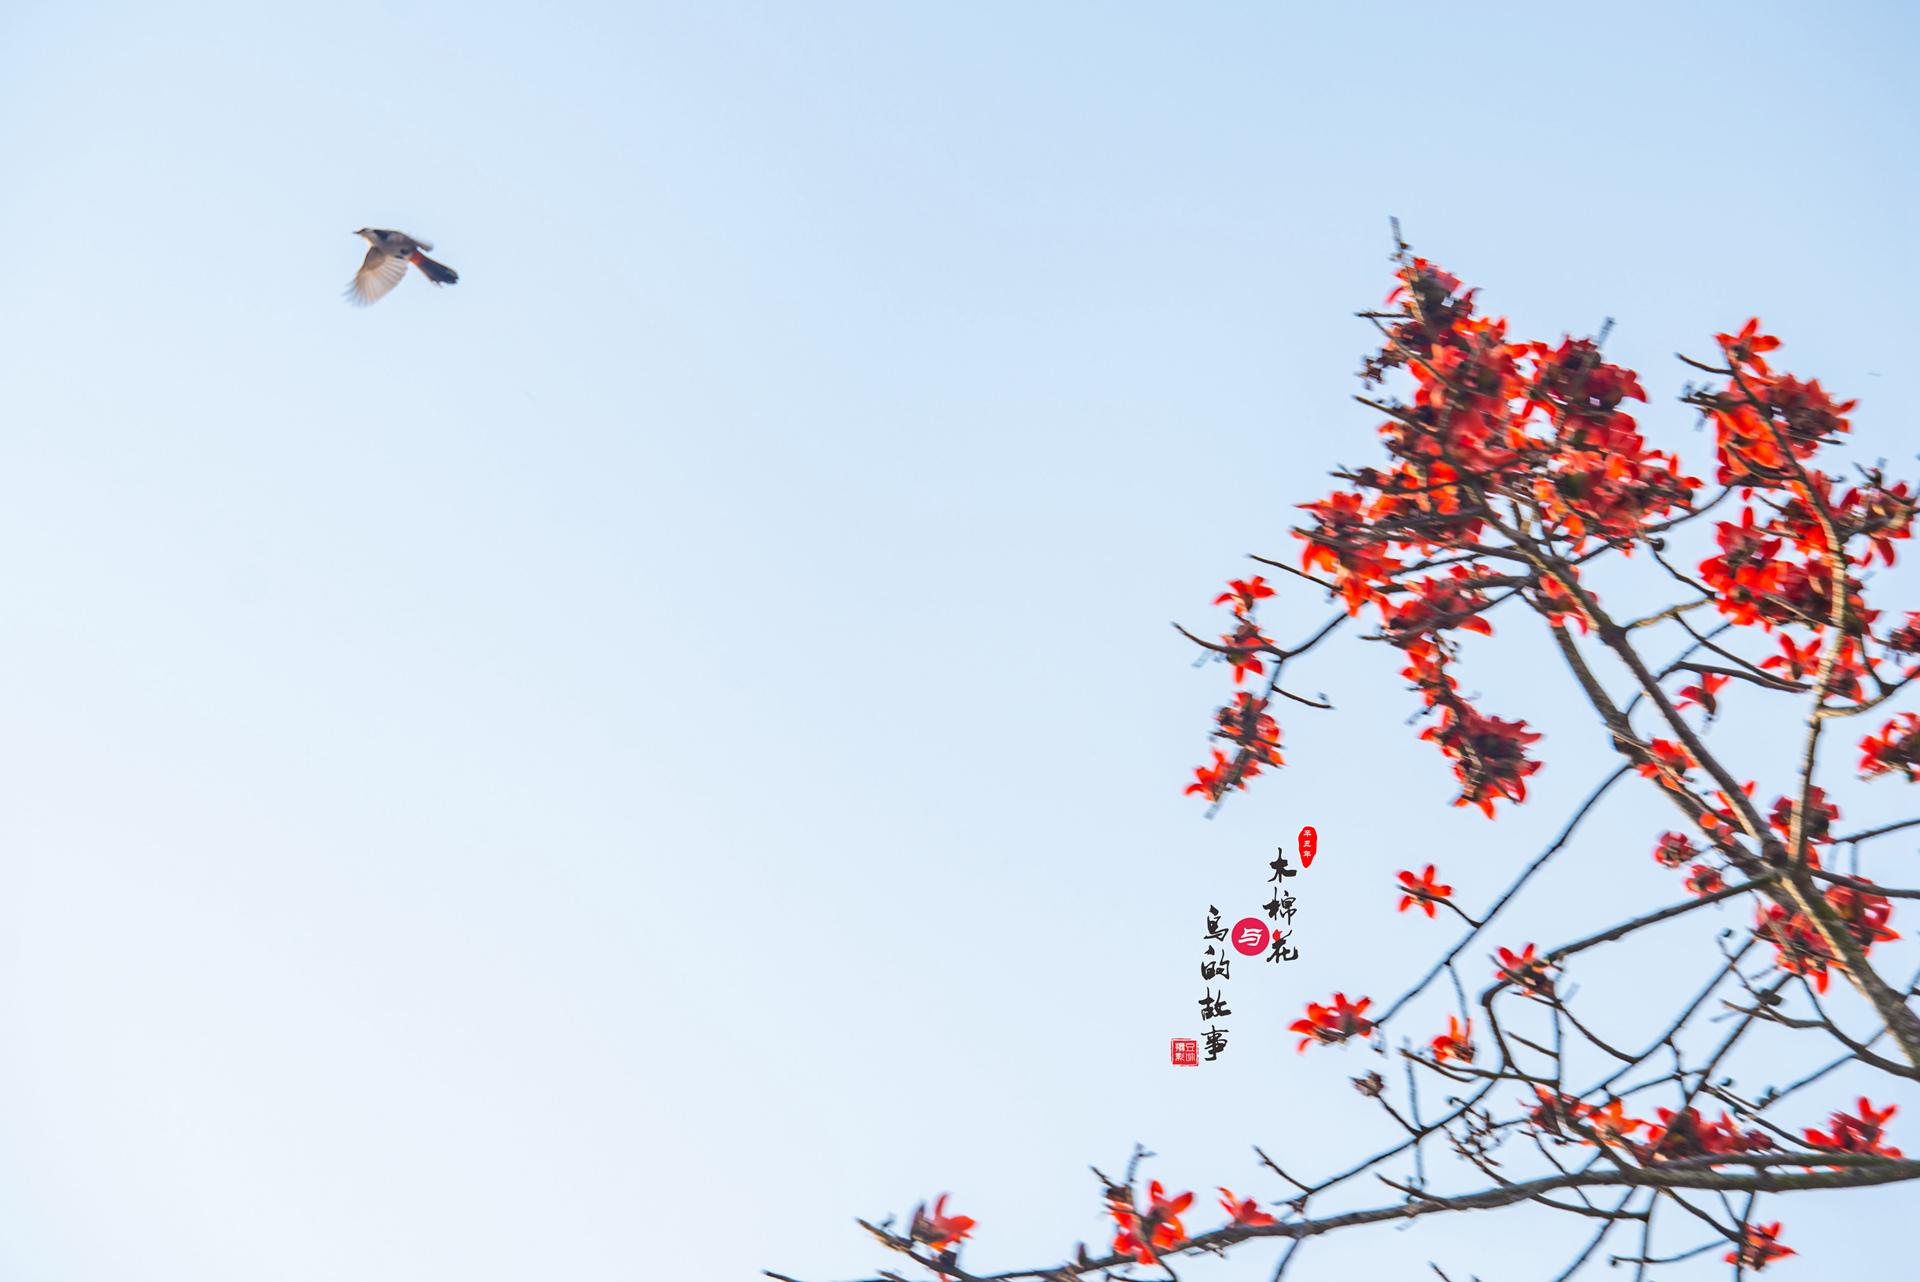 木棉花与鸟的故事34.jpg